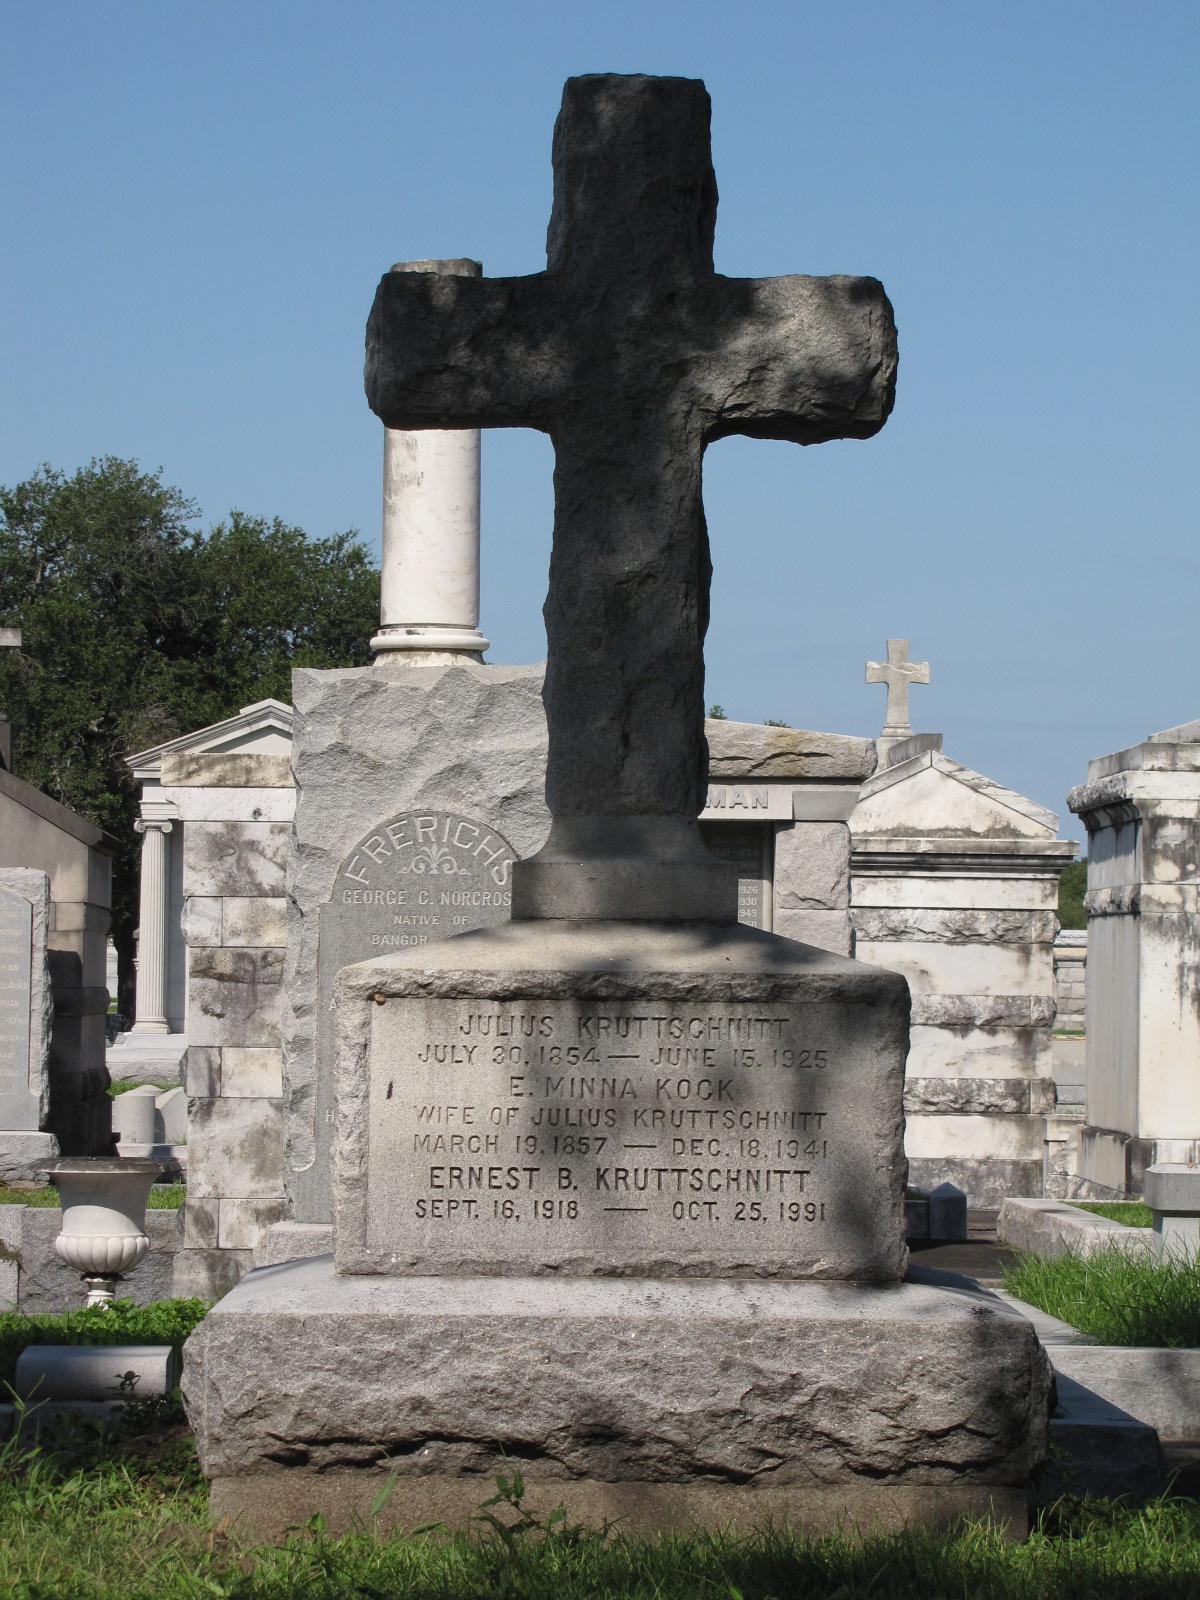 Julius Krutschnitt Grave in New Orleans